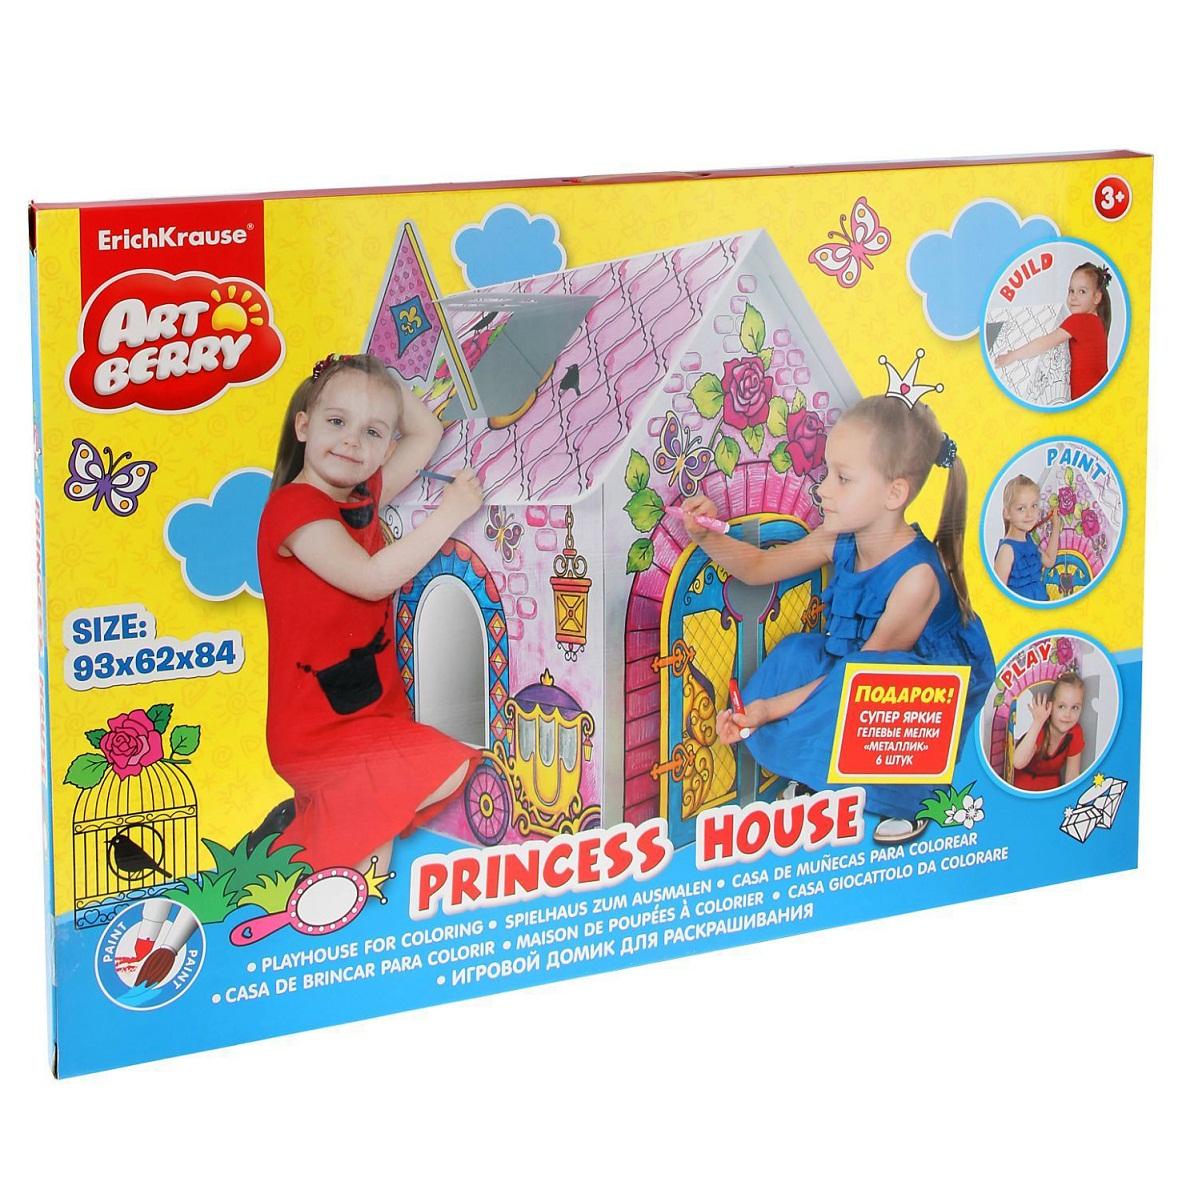 Домик игровой для раскрашивания - Дом Принцессы/Princess houseДомики-палатки<br>Домик игровой для раскрашивания - Дом Принцессы/Princess house<br>